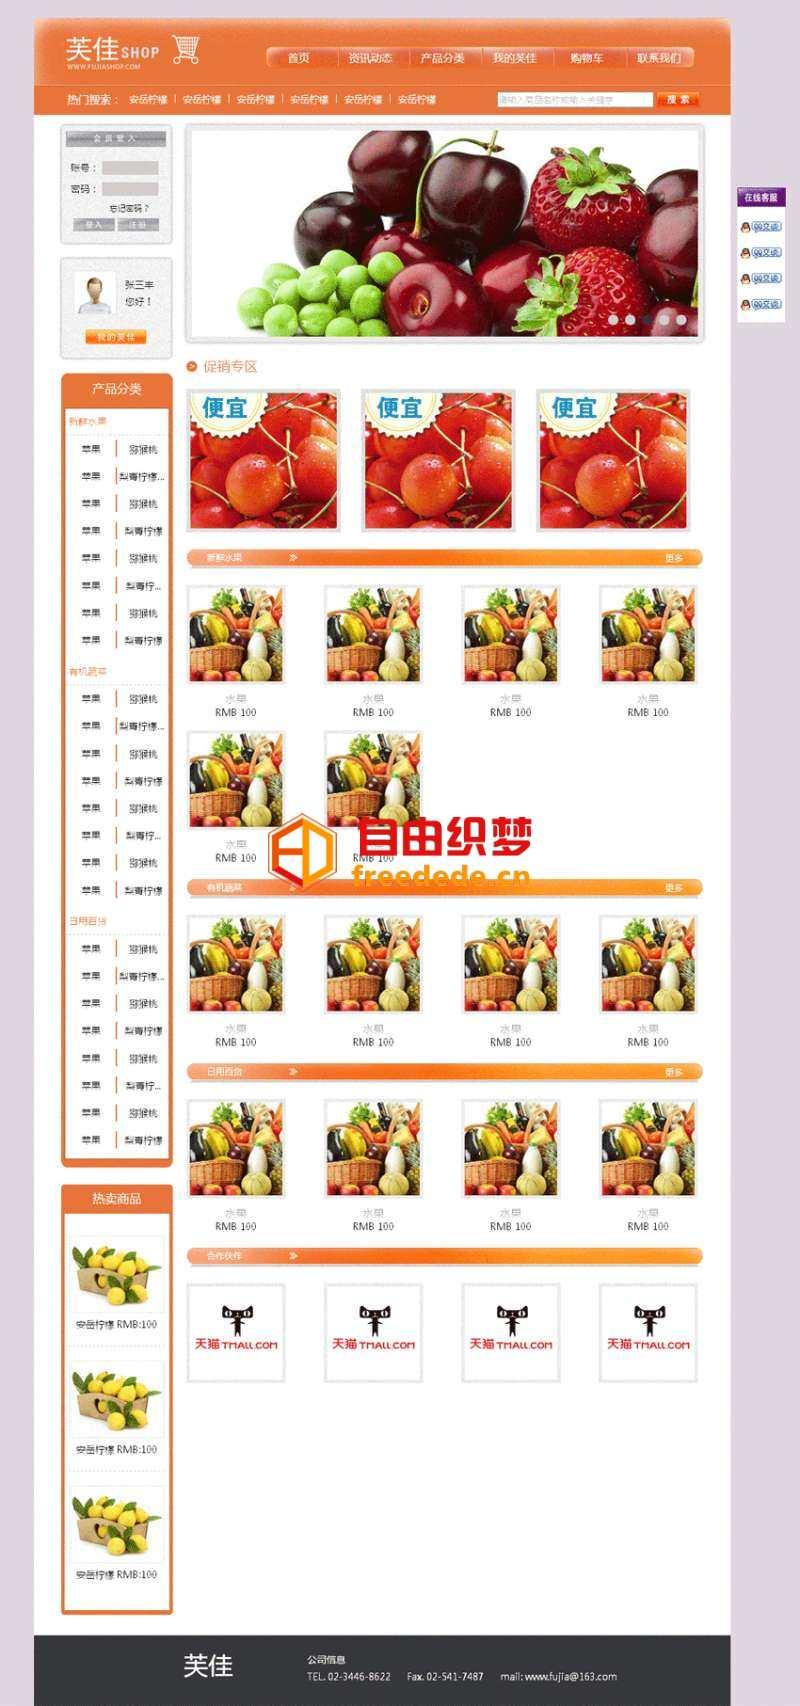 爱上源码网文章橙色简单的水果店铺商城模板htnl源码的内容插图